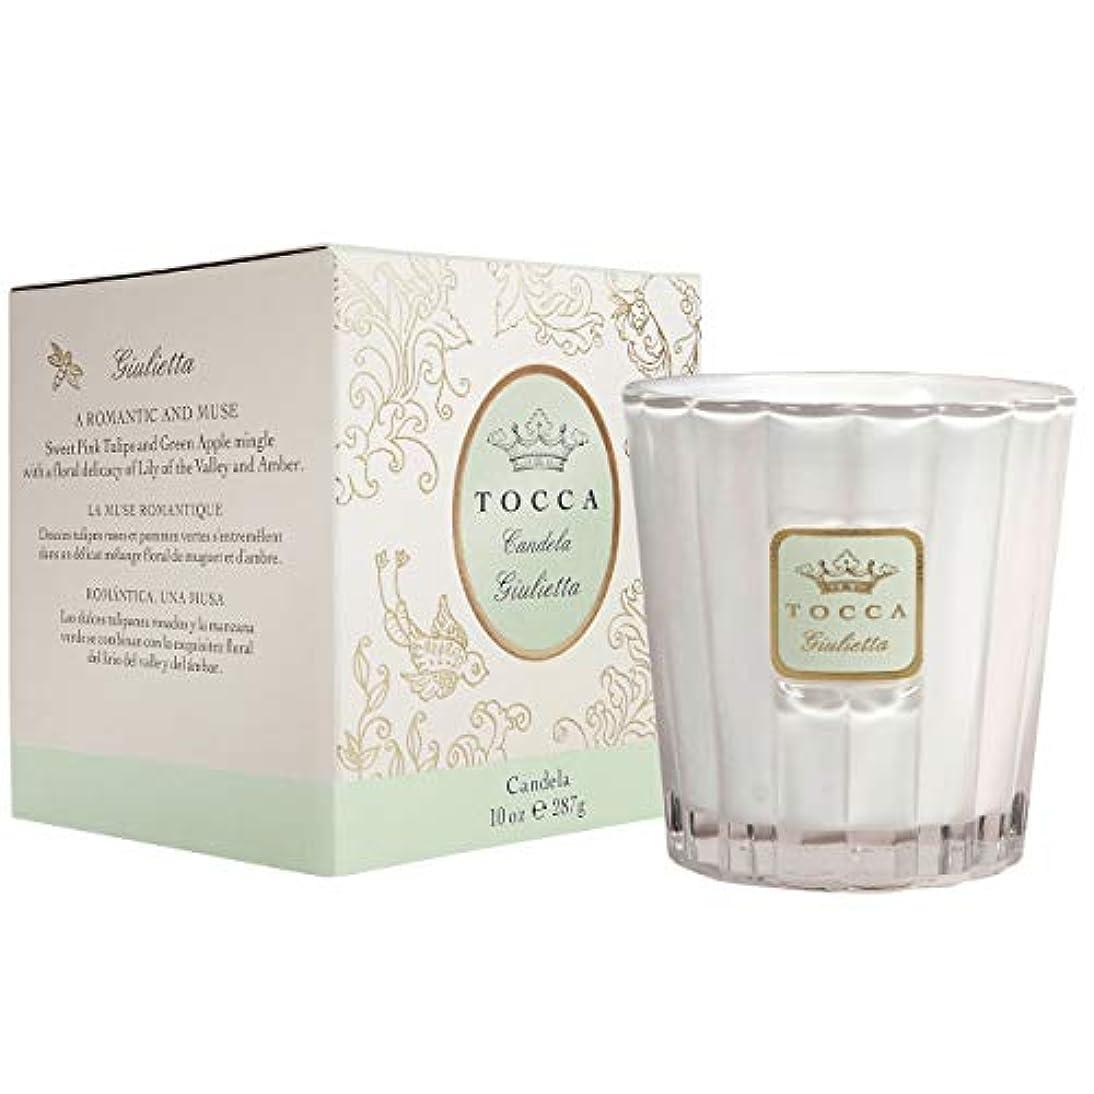 自動チーフ平和的トッカ(TOCCA) キャンドル ジュリエッタの香り 約287g (ろうそく 爽やかで甘い香り)